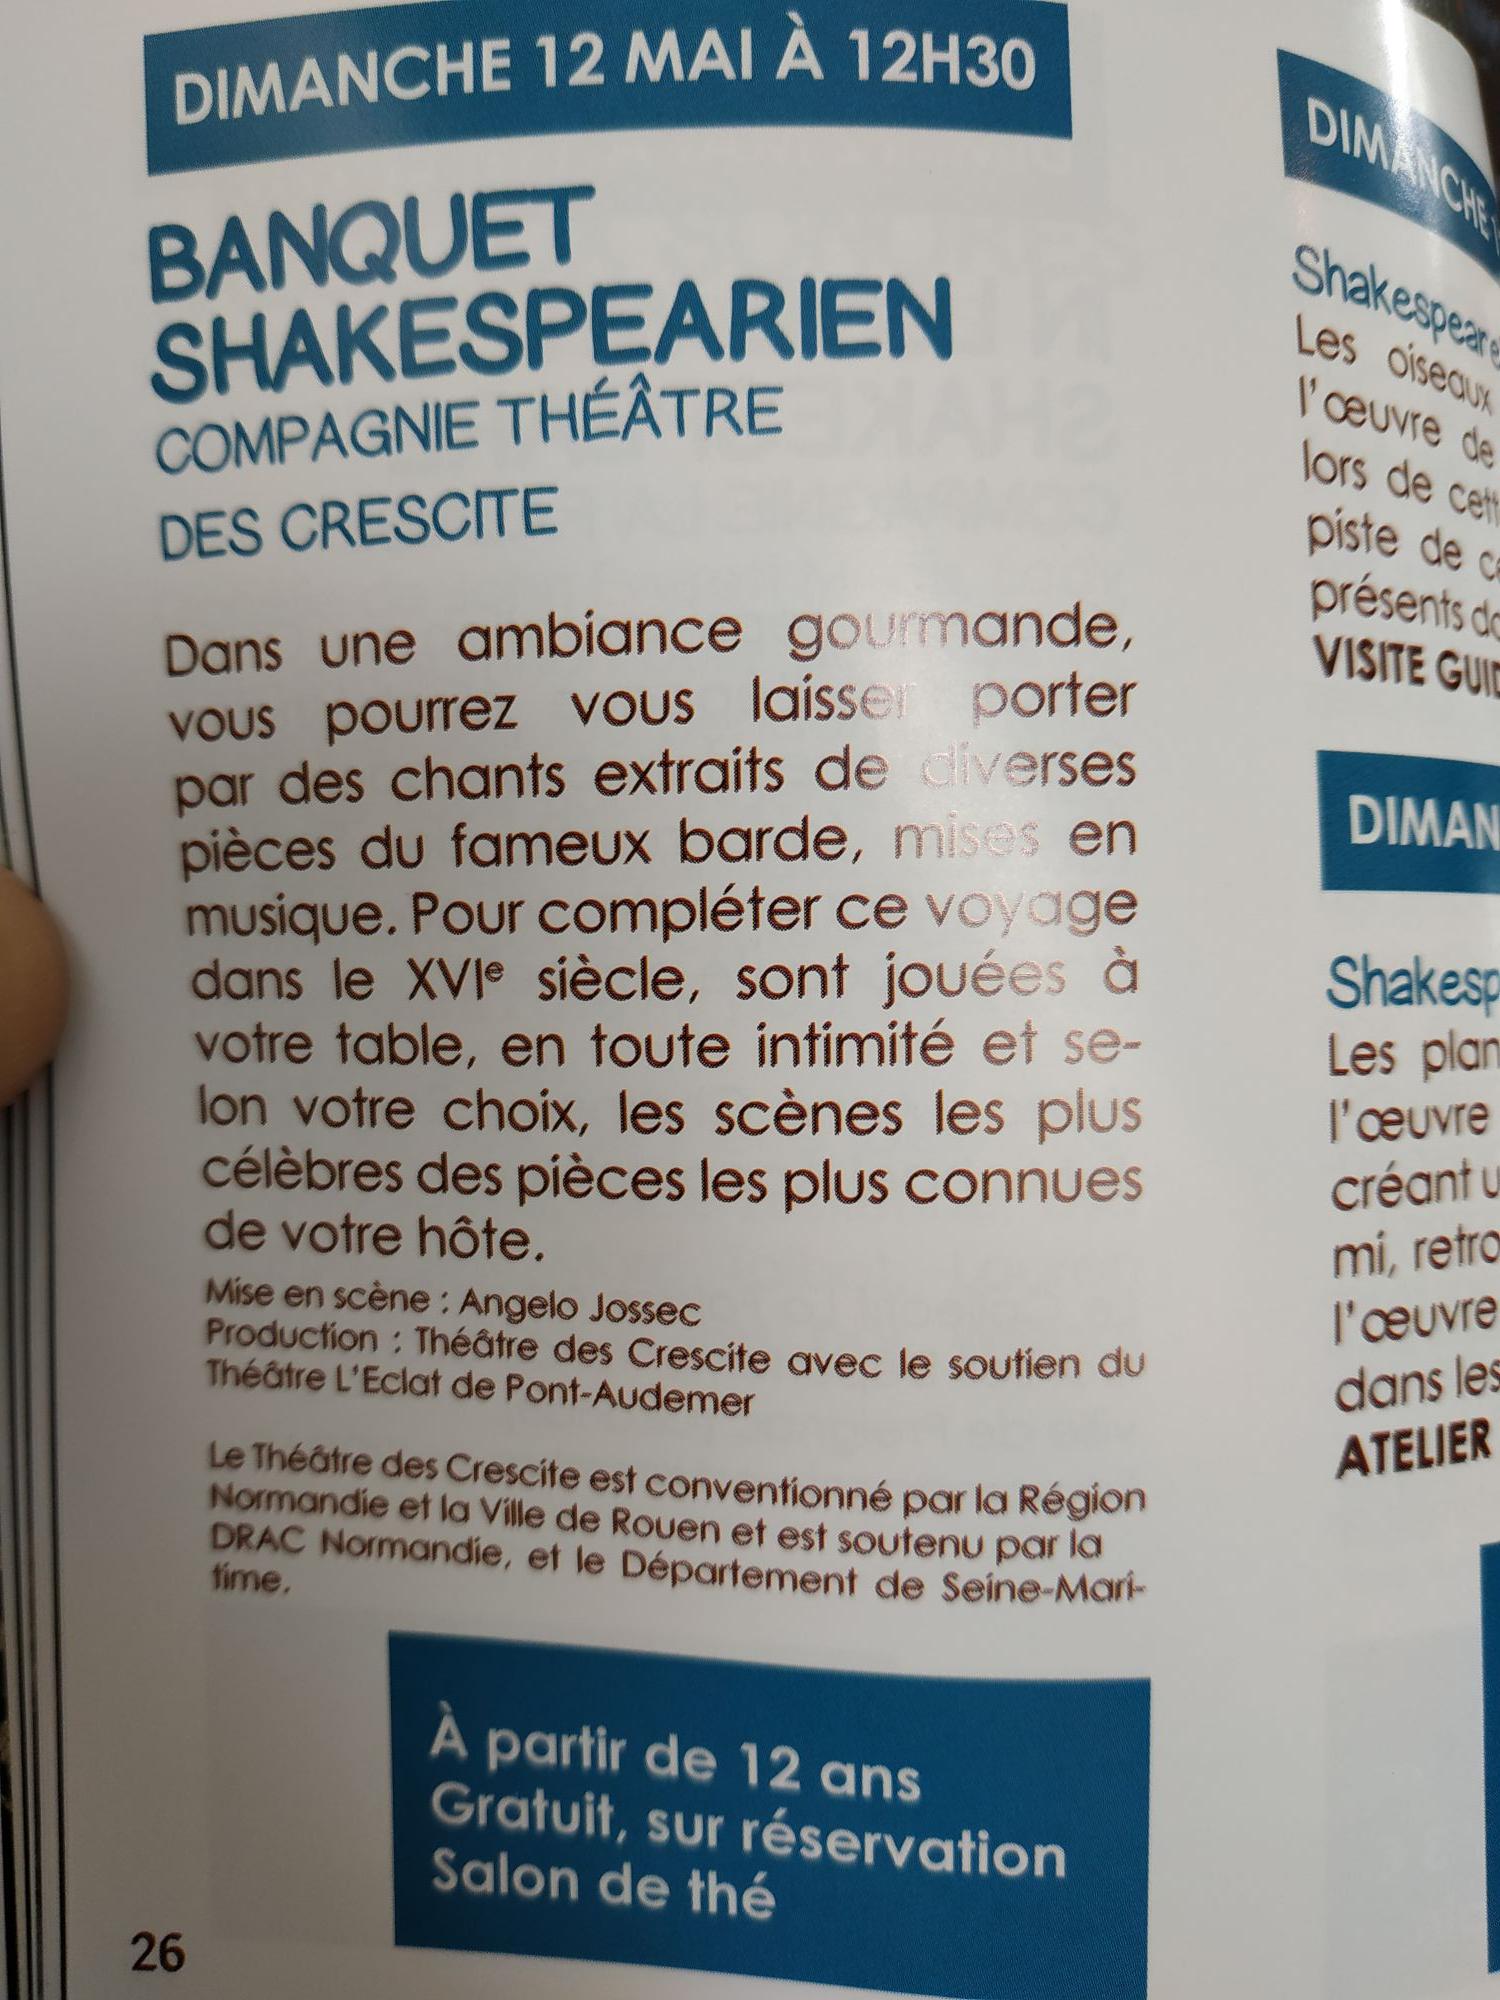 Banquet et représentation de pièces de théâtre de Shakespeare gratuite - Château d'Hardelot - Condette (62)